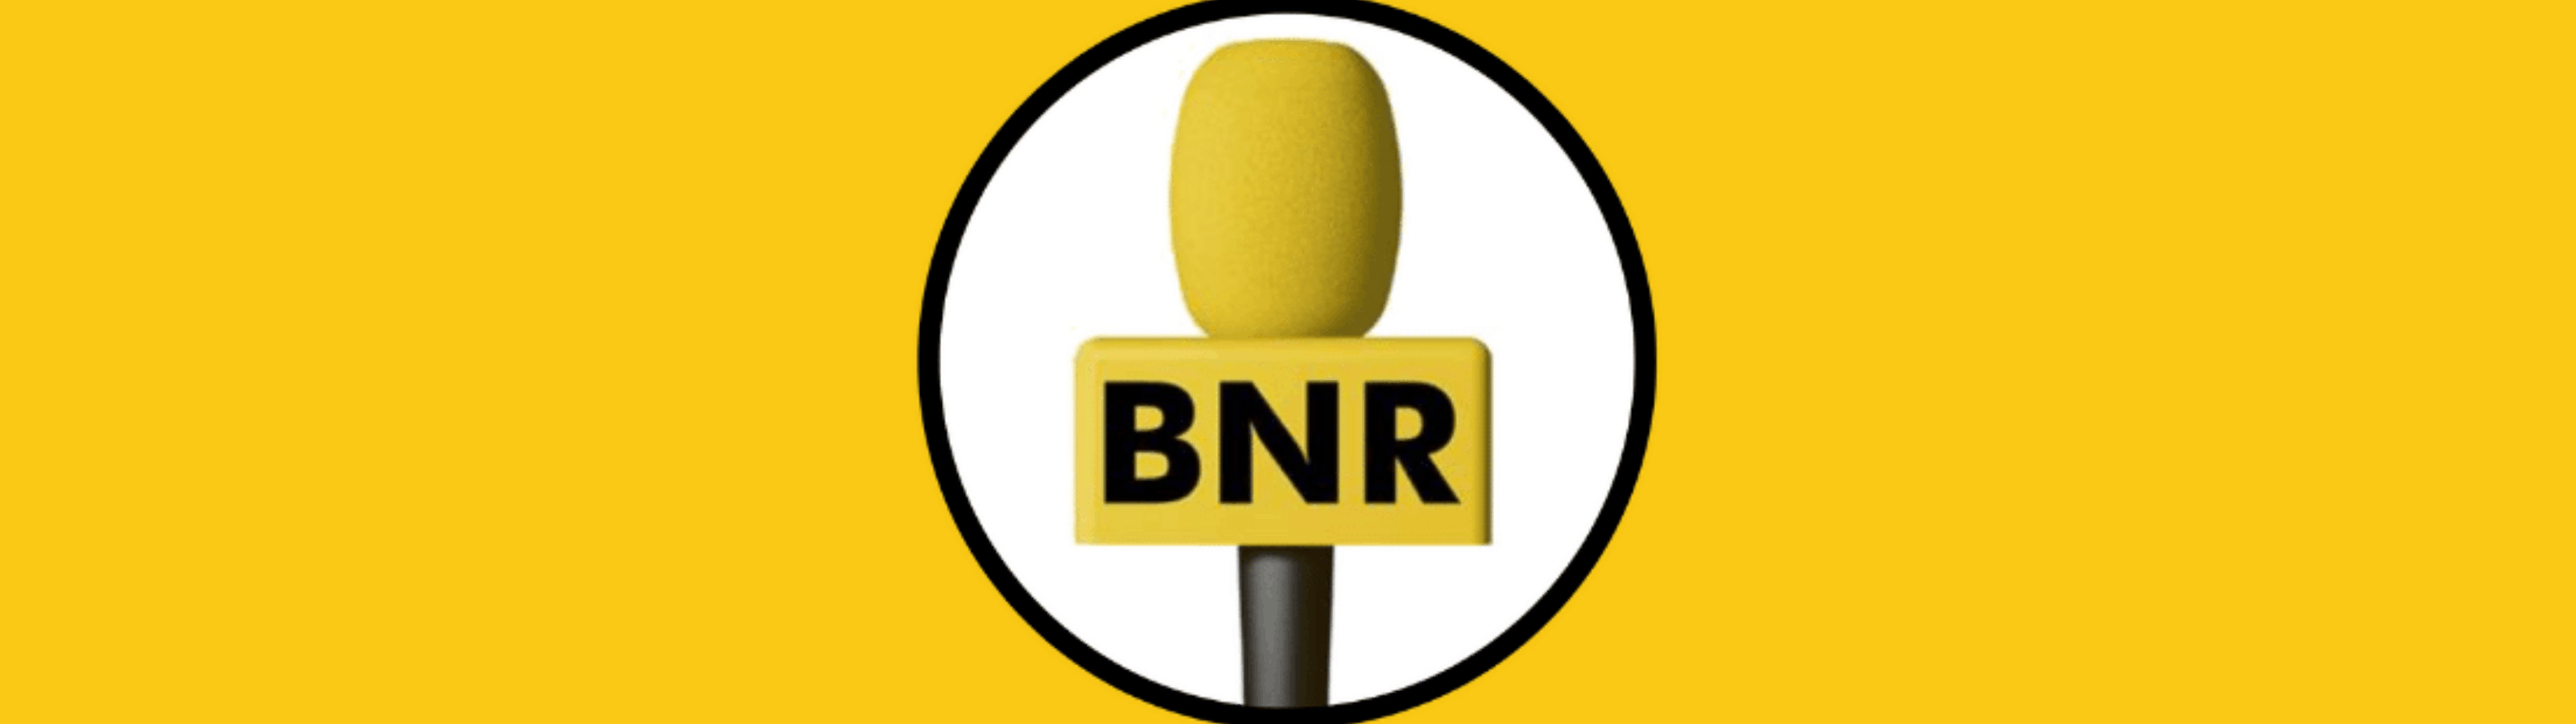 BNR Nieuwsradio Effectief thuiswerken